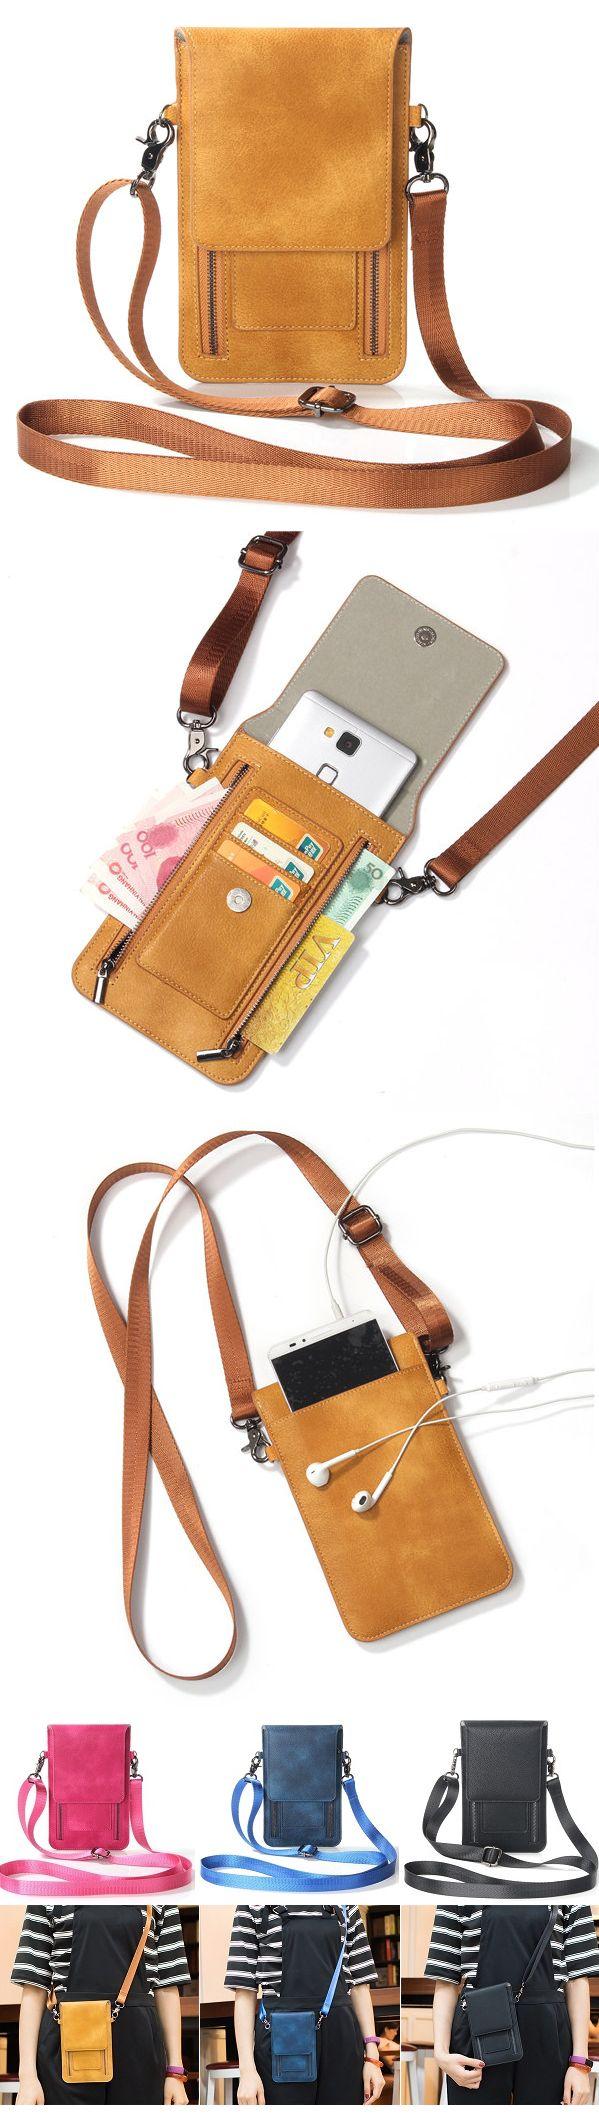 US$14.78 Vintage PU Leather Card Holder 5.5inch Phone Bag Shoulder Bag Crossbody Bags